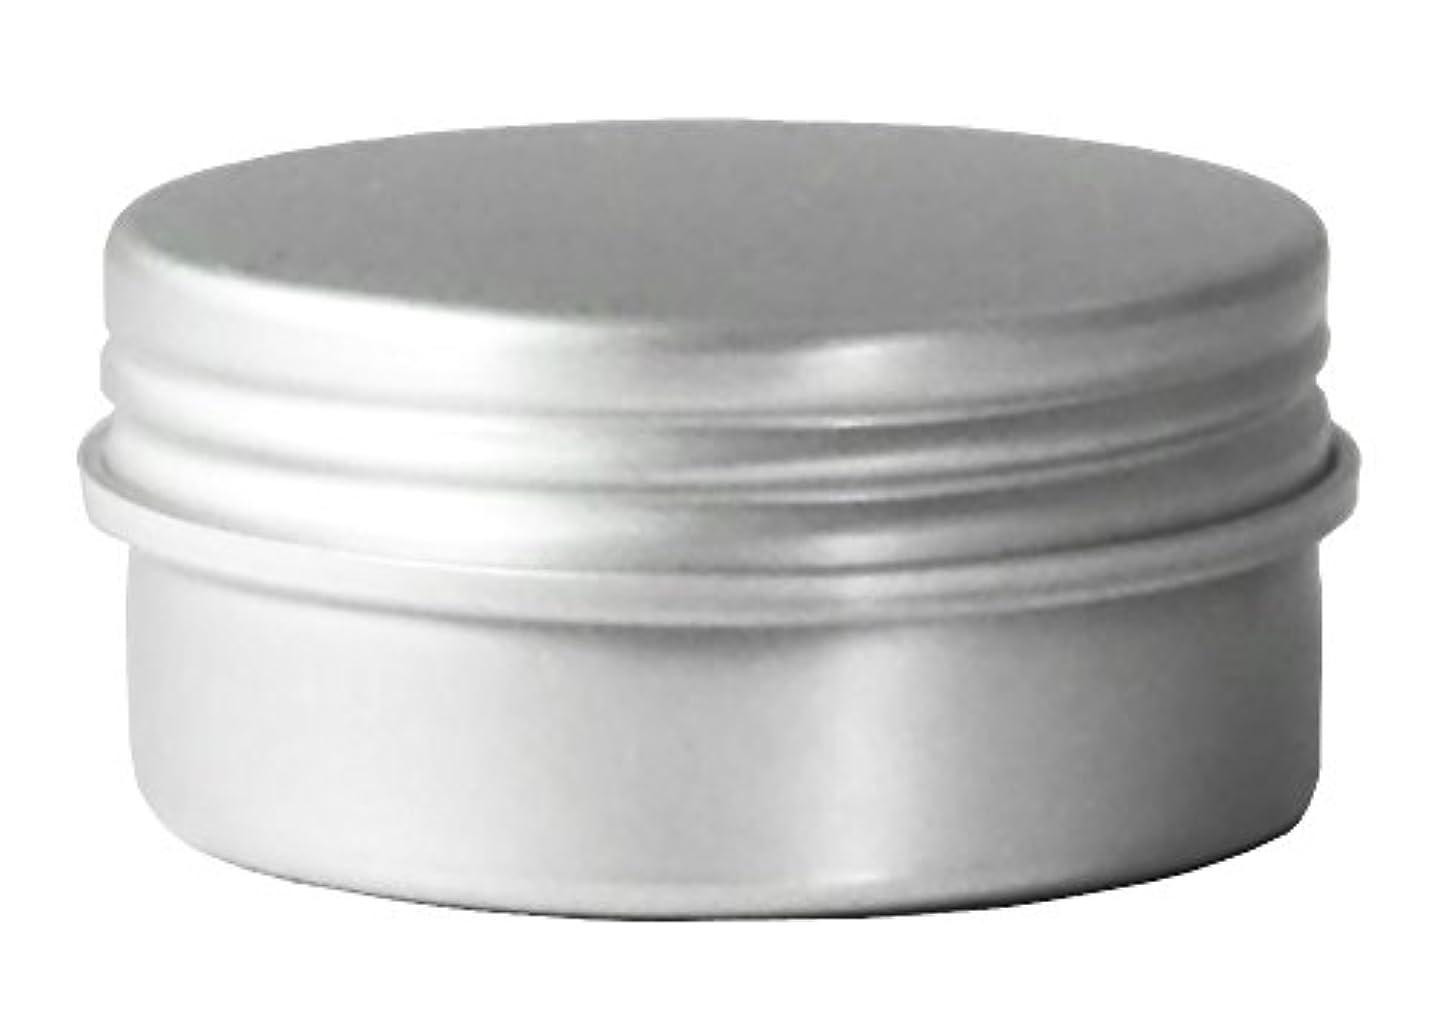 退却同様のパウダーアルミキャップ缶 ハイシートパッキン付 12ml 化粧品容器